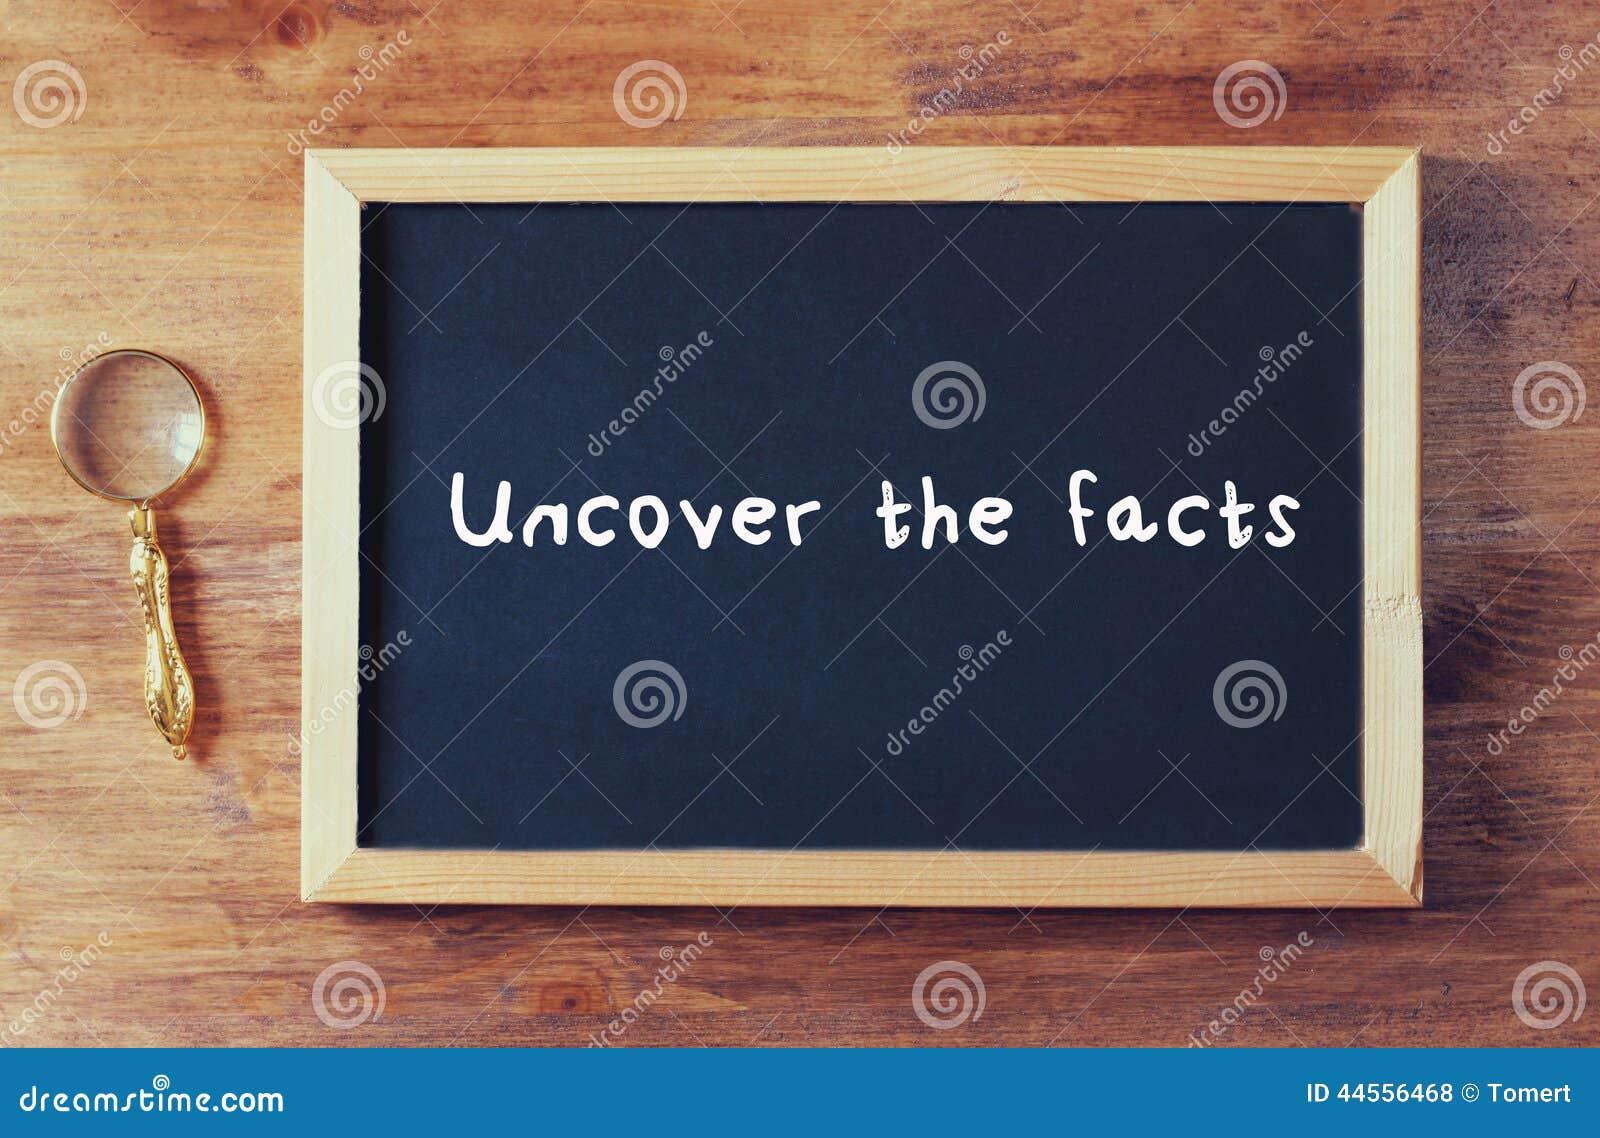 Odgórny widok blackboard z zwrotem odkrywa fact pisać na nim obok stary powiększać - szkło nad drewnianym stołem